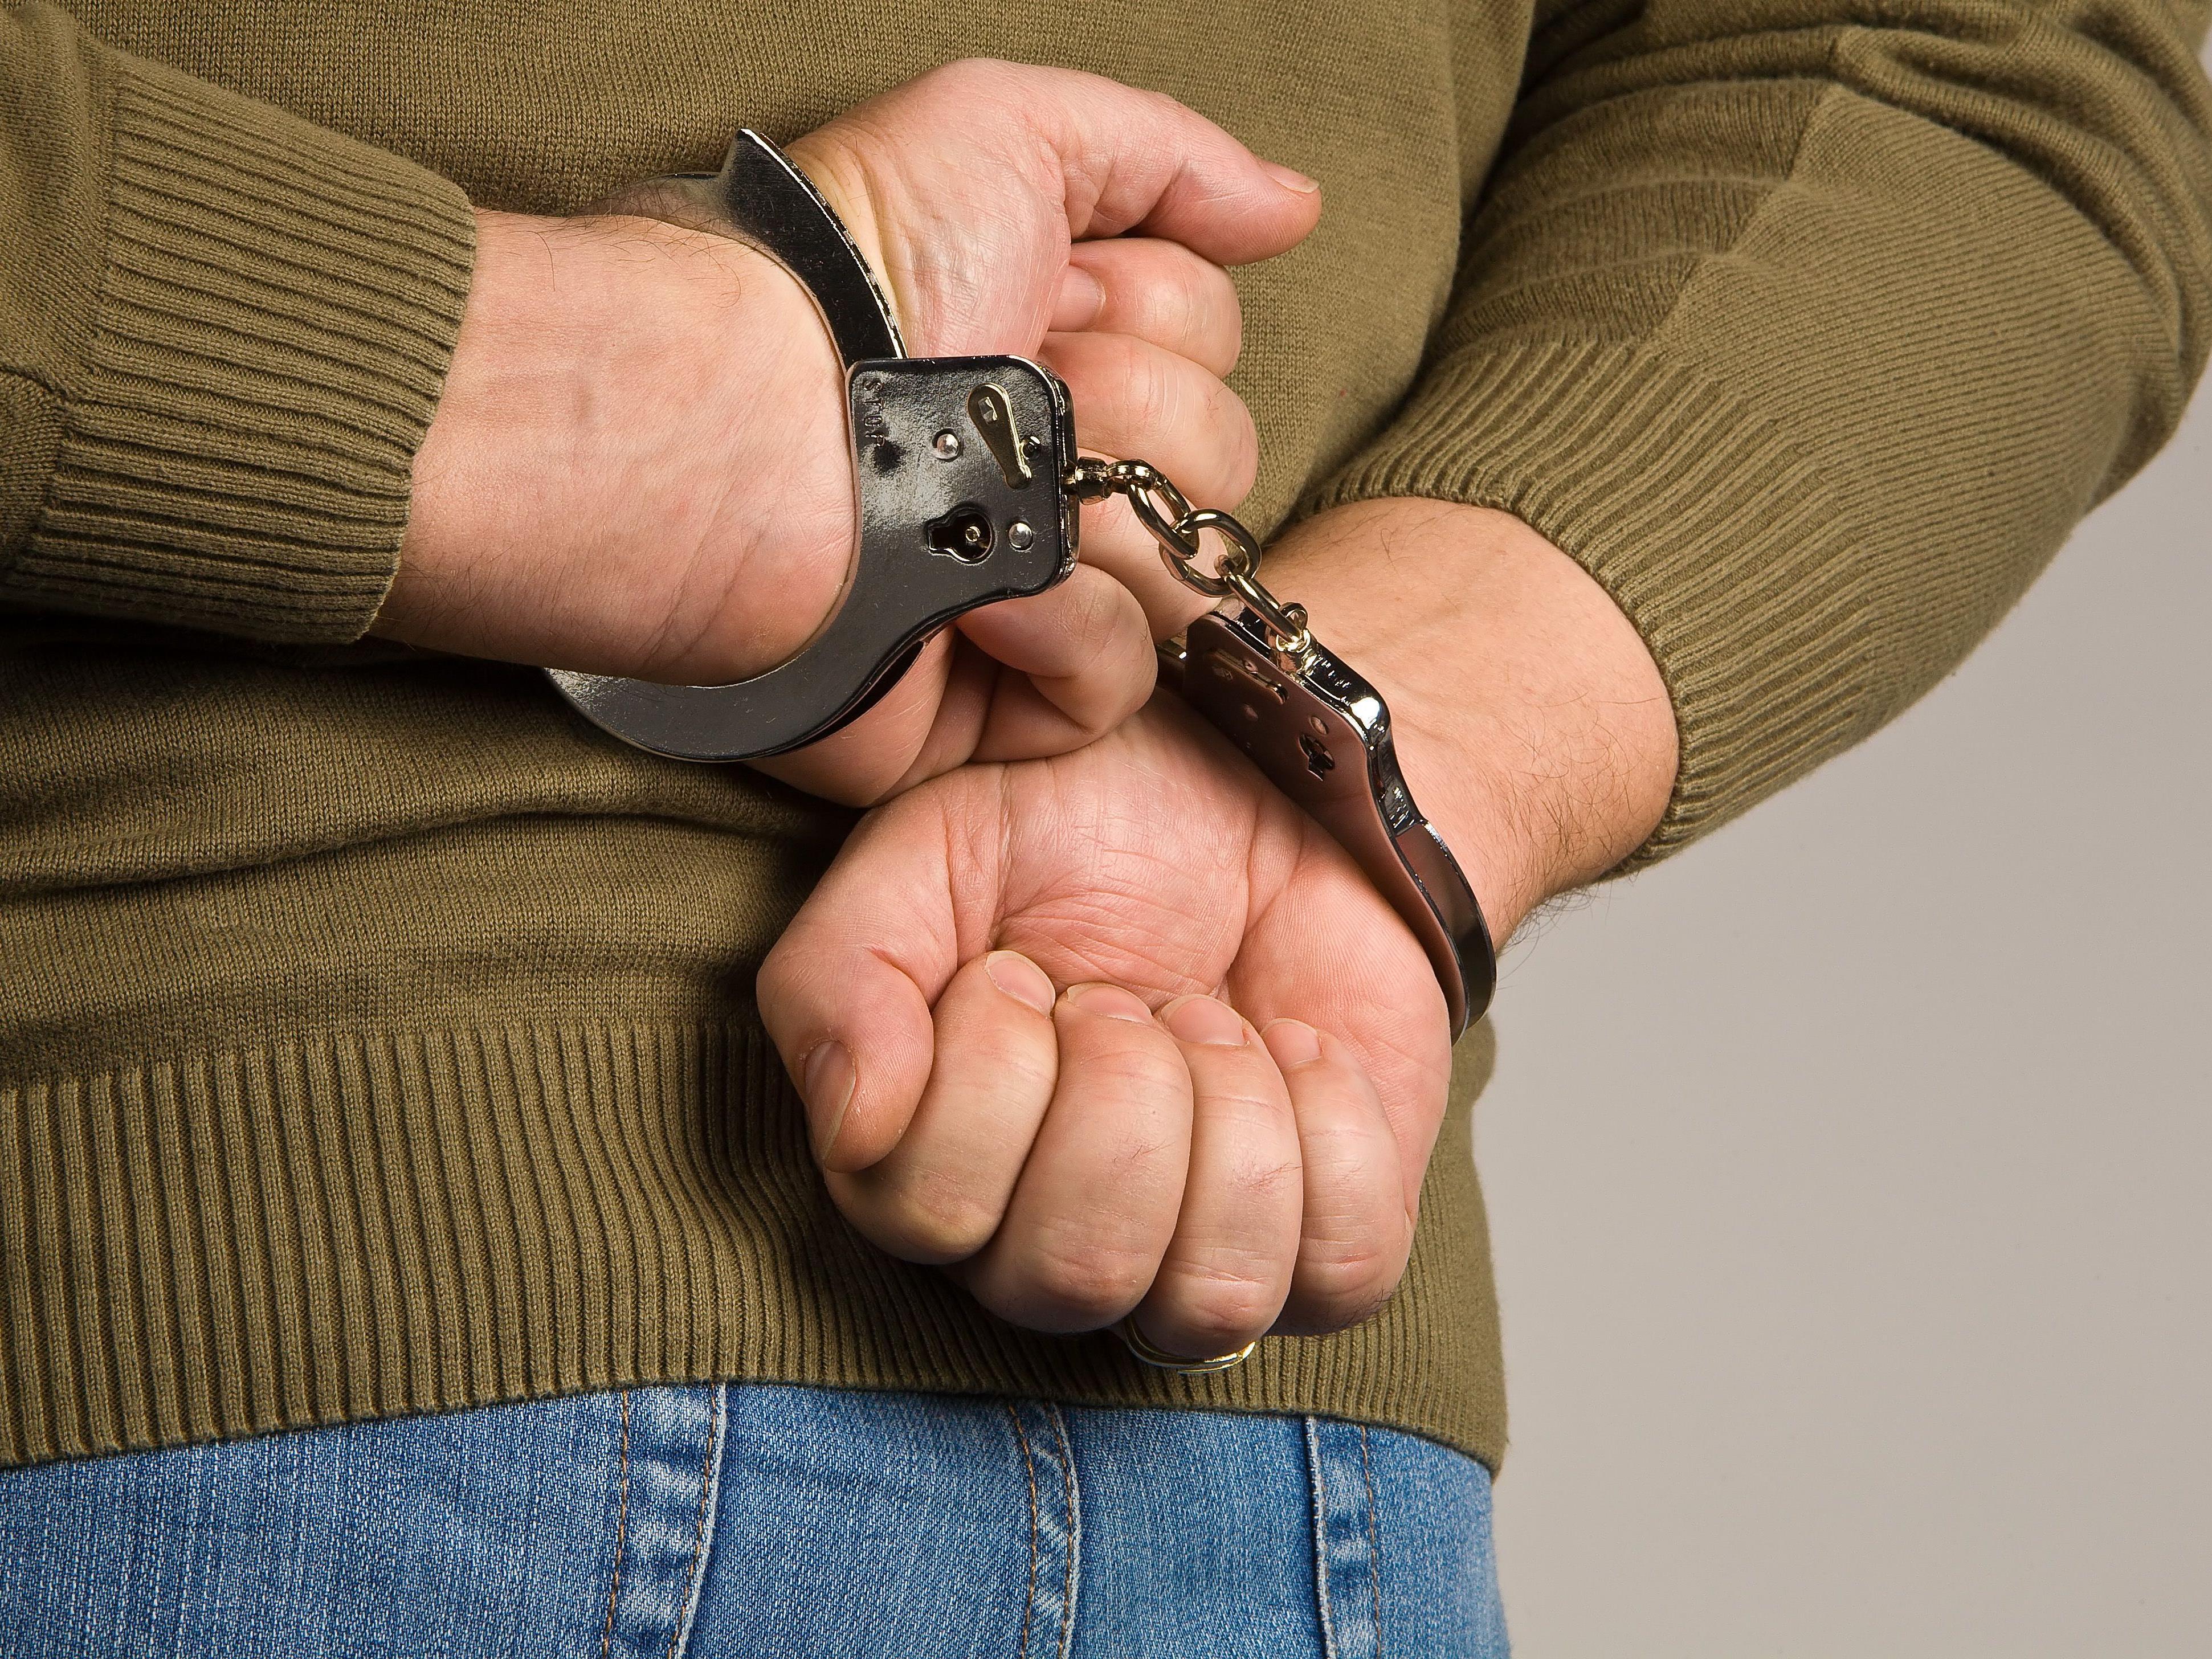 Recht schnell klickten die Handschellen für eine Trafikräuber in Währing